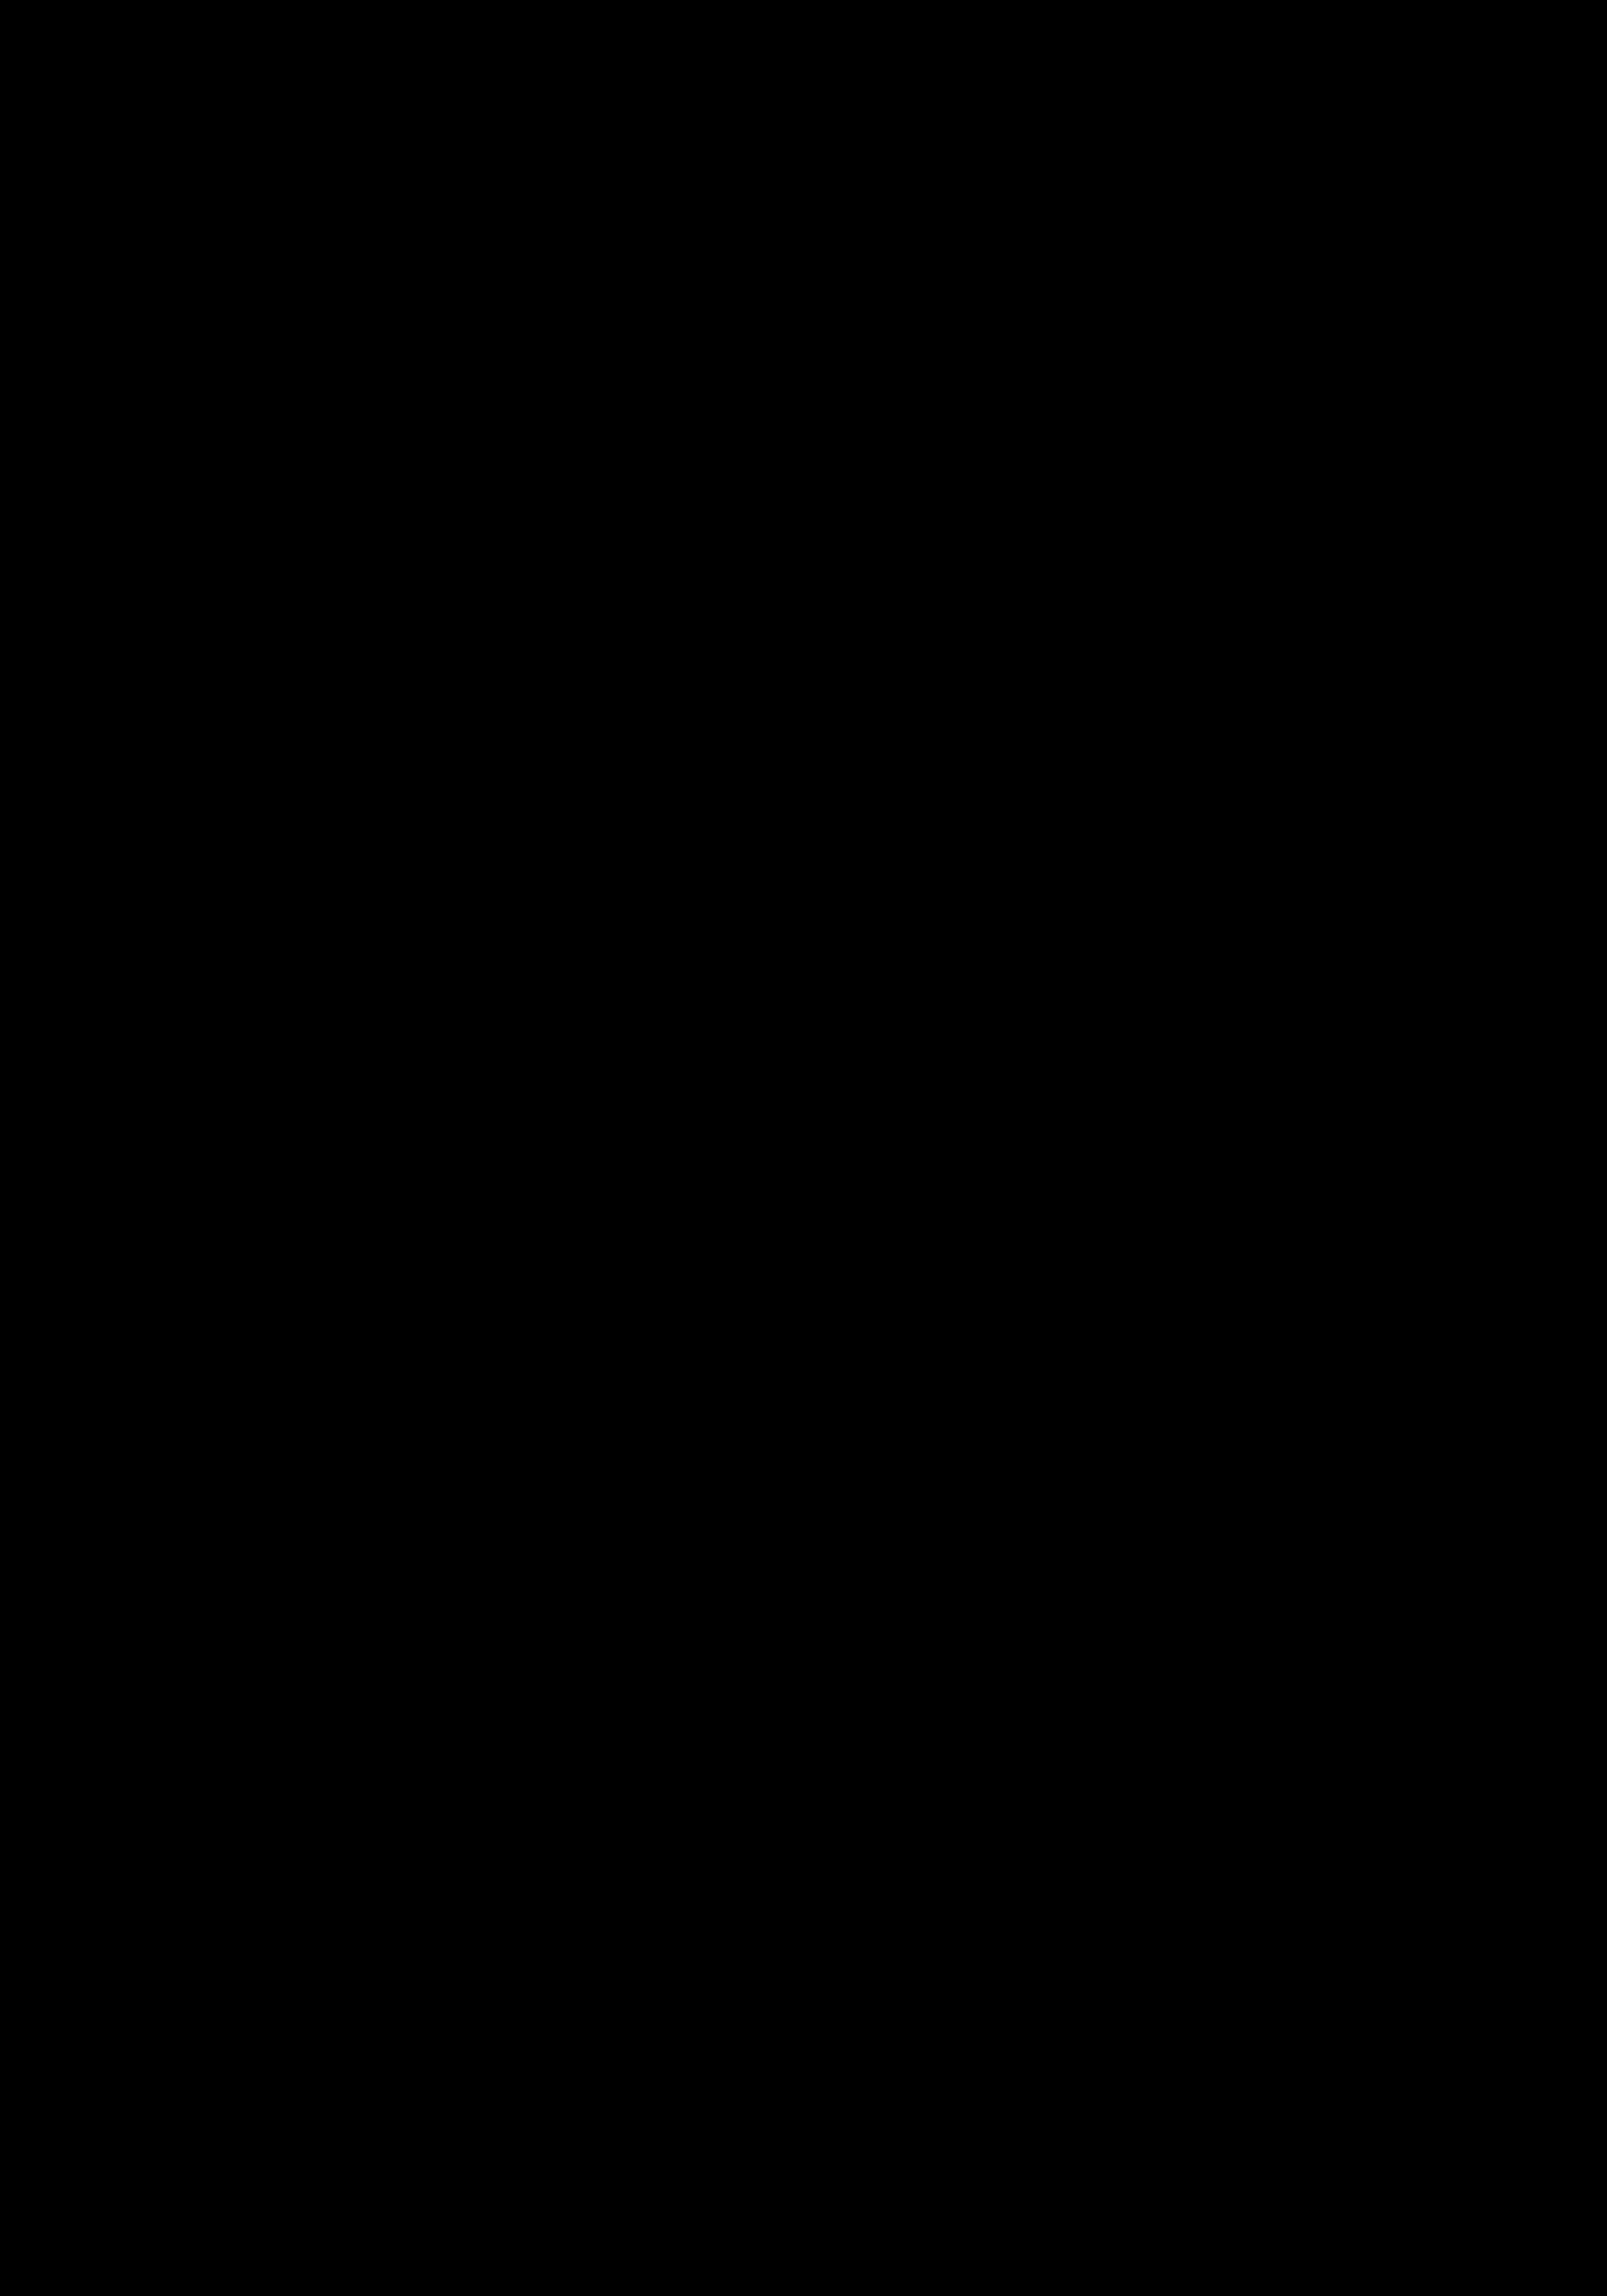 دانلود زیرنویس فارسی فیلم Palo Pinto Gold